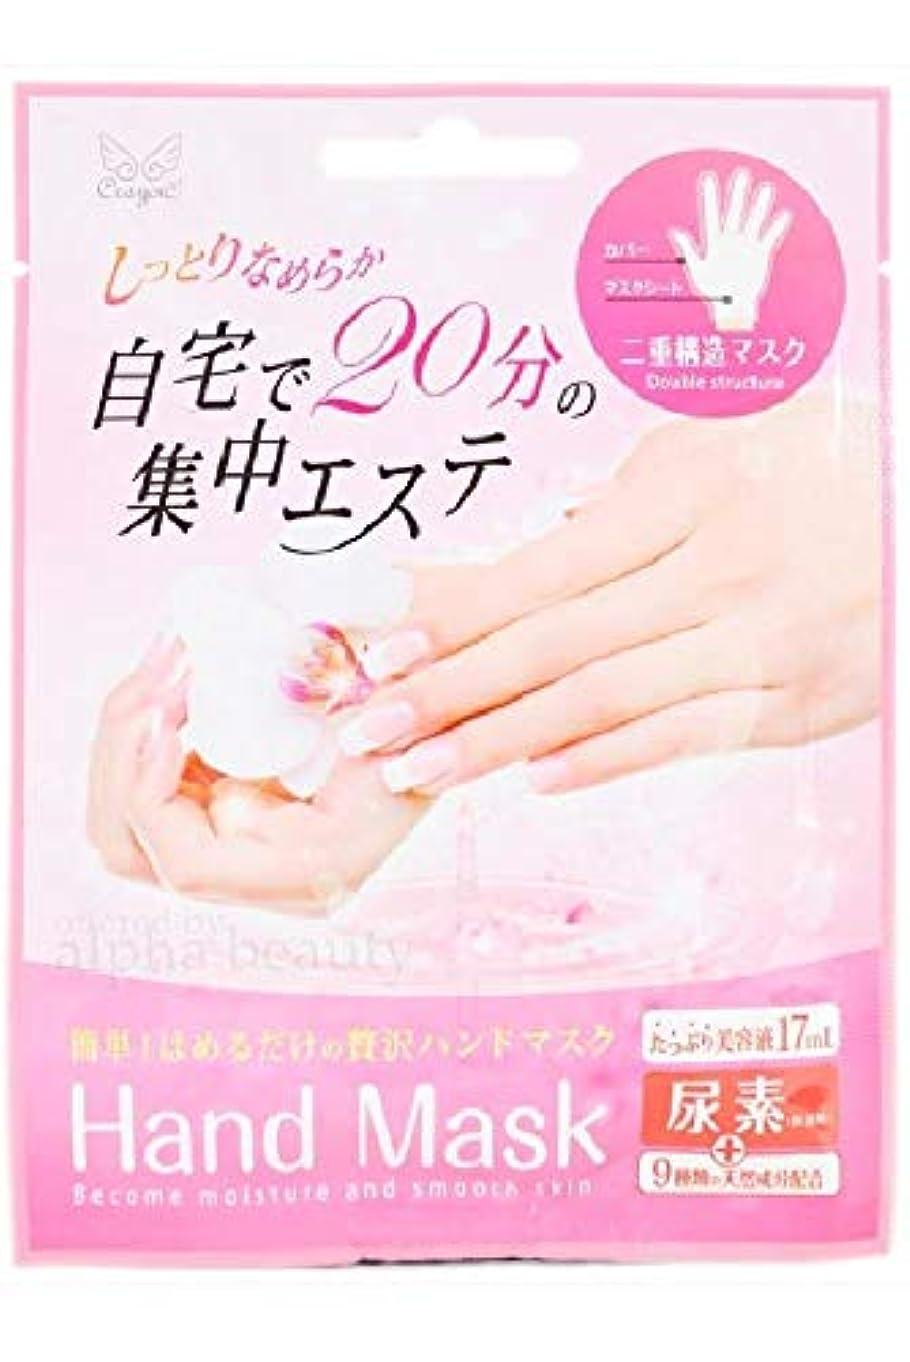 マダム六月ローラーST ハンドマスク しっとりなめらか 自宅で 20分の 集中 エステ Hand Mask